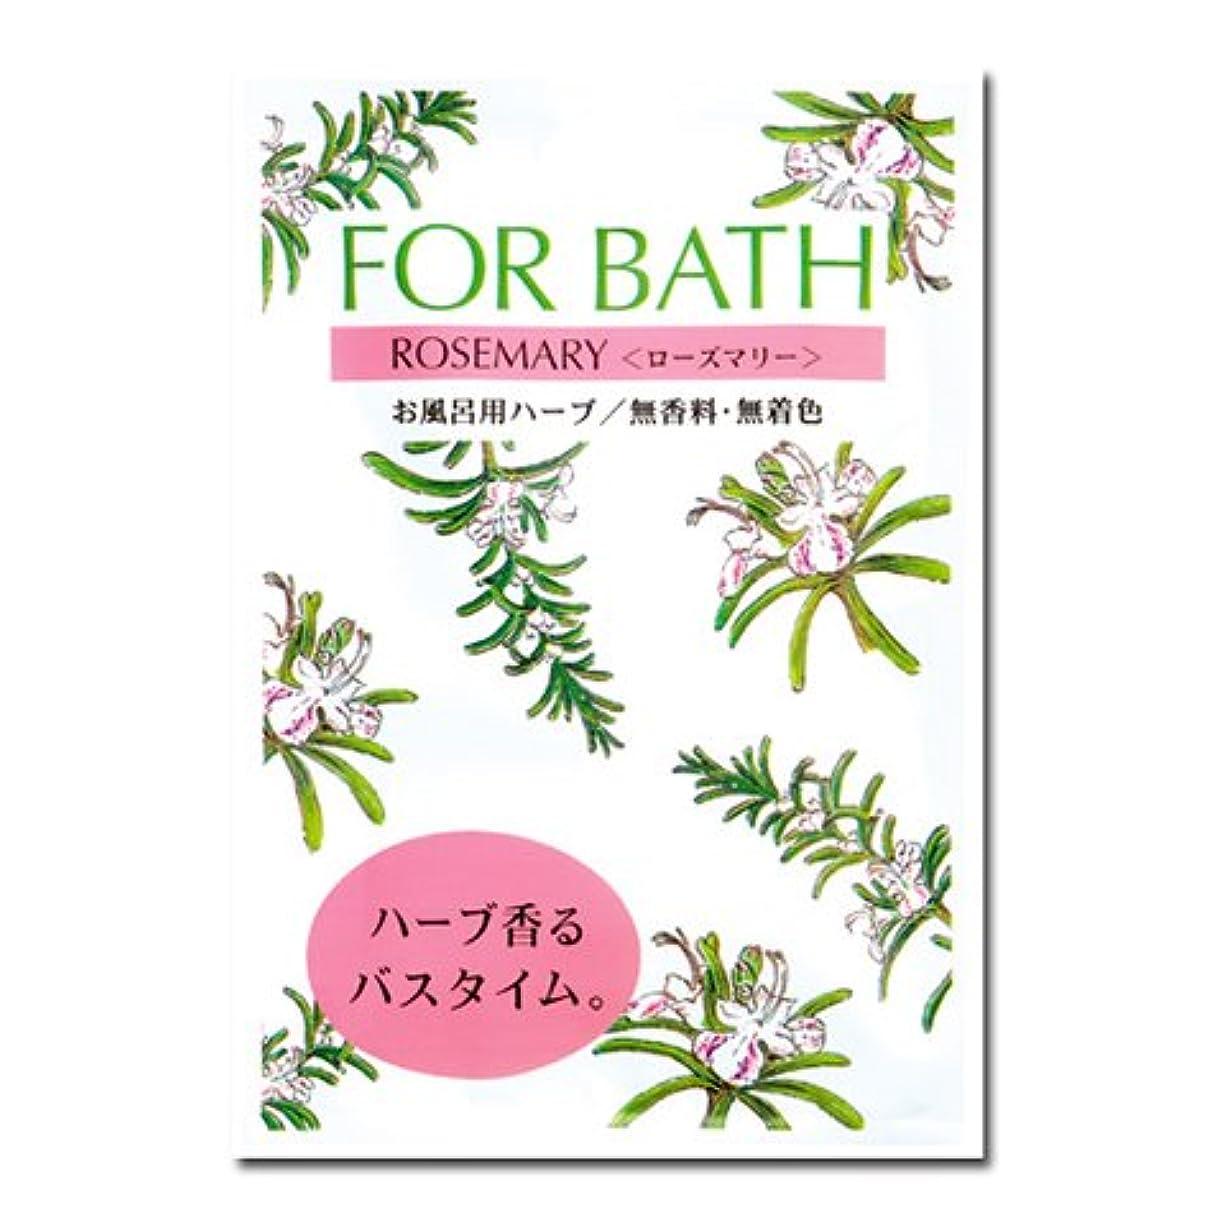 十分に意義魔術師フォアバス ローズマリーx30袋[フォアバス/入浴剤/ハーブ]